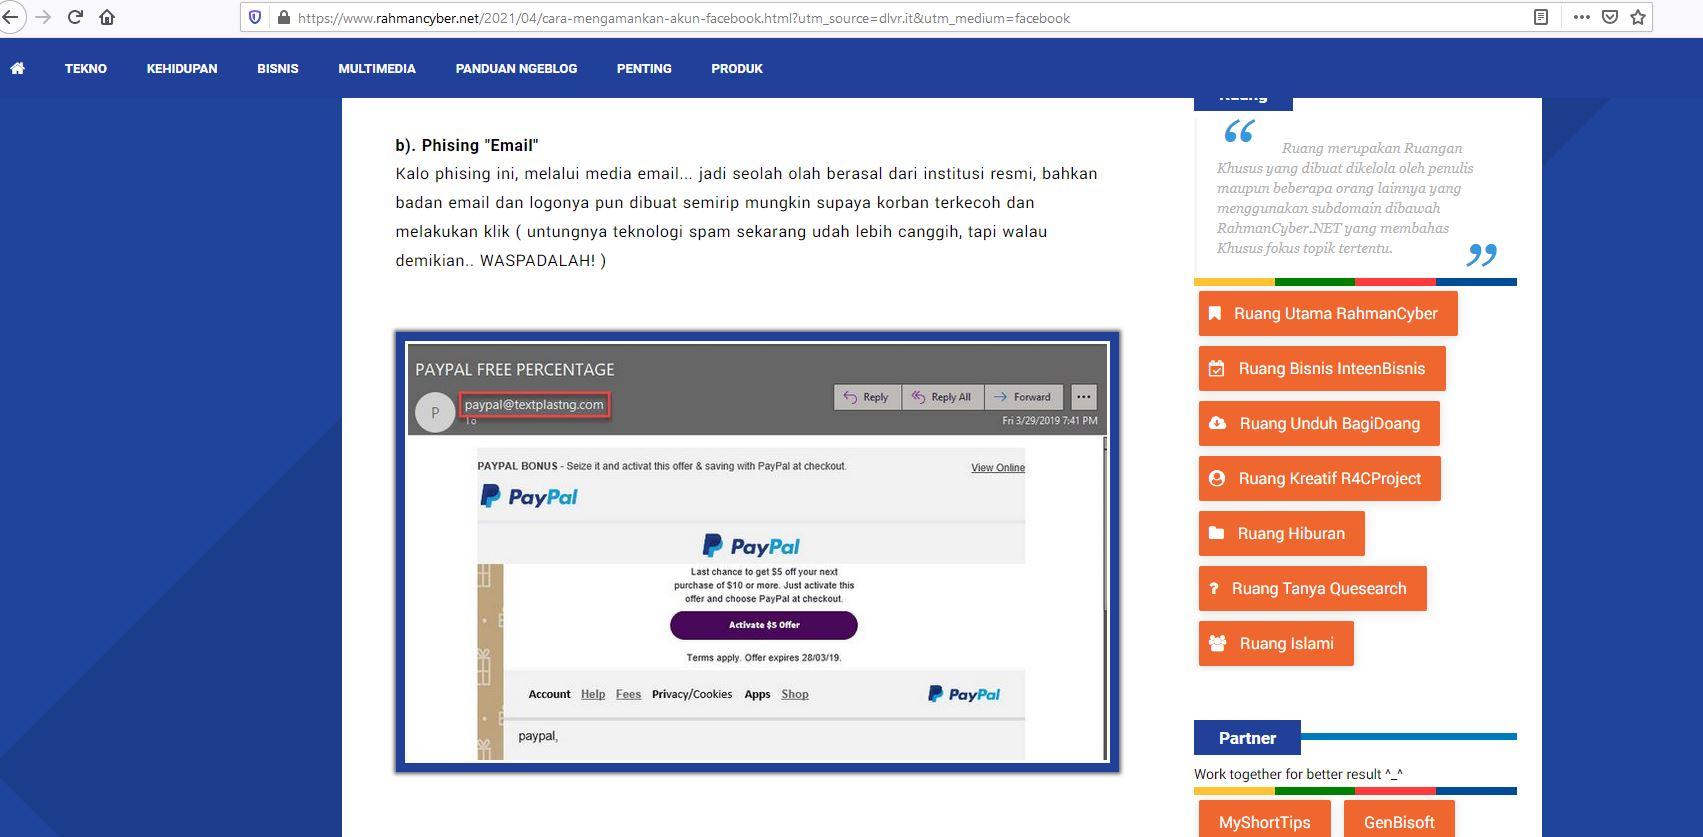 Mengatasi Phising Email